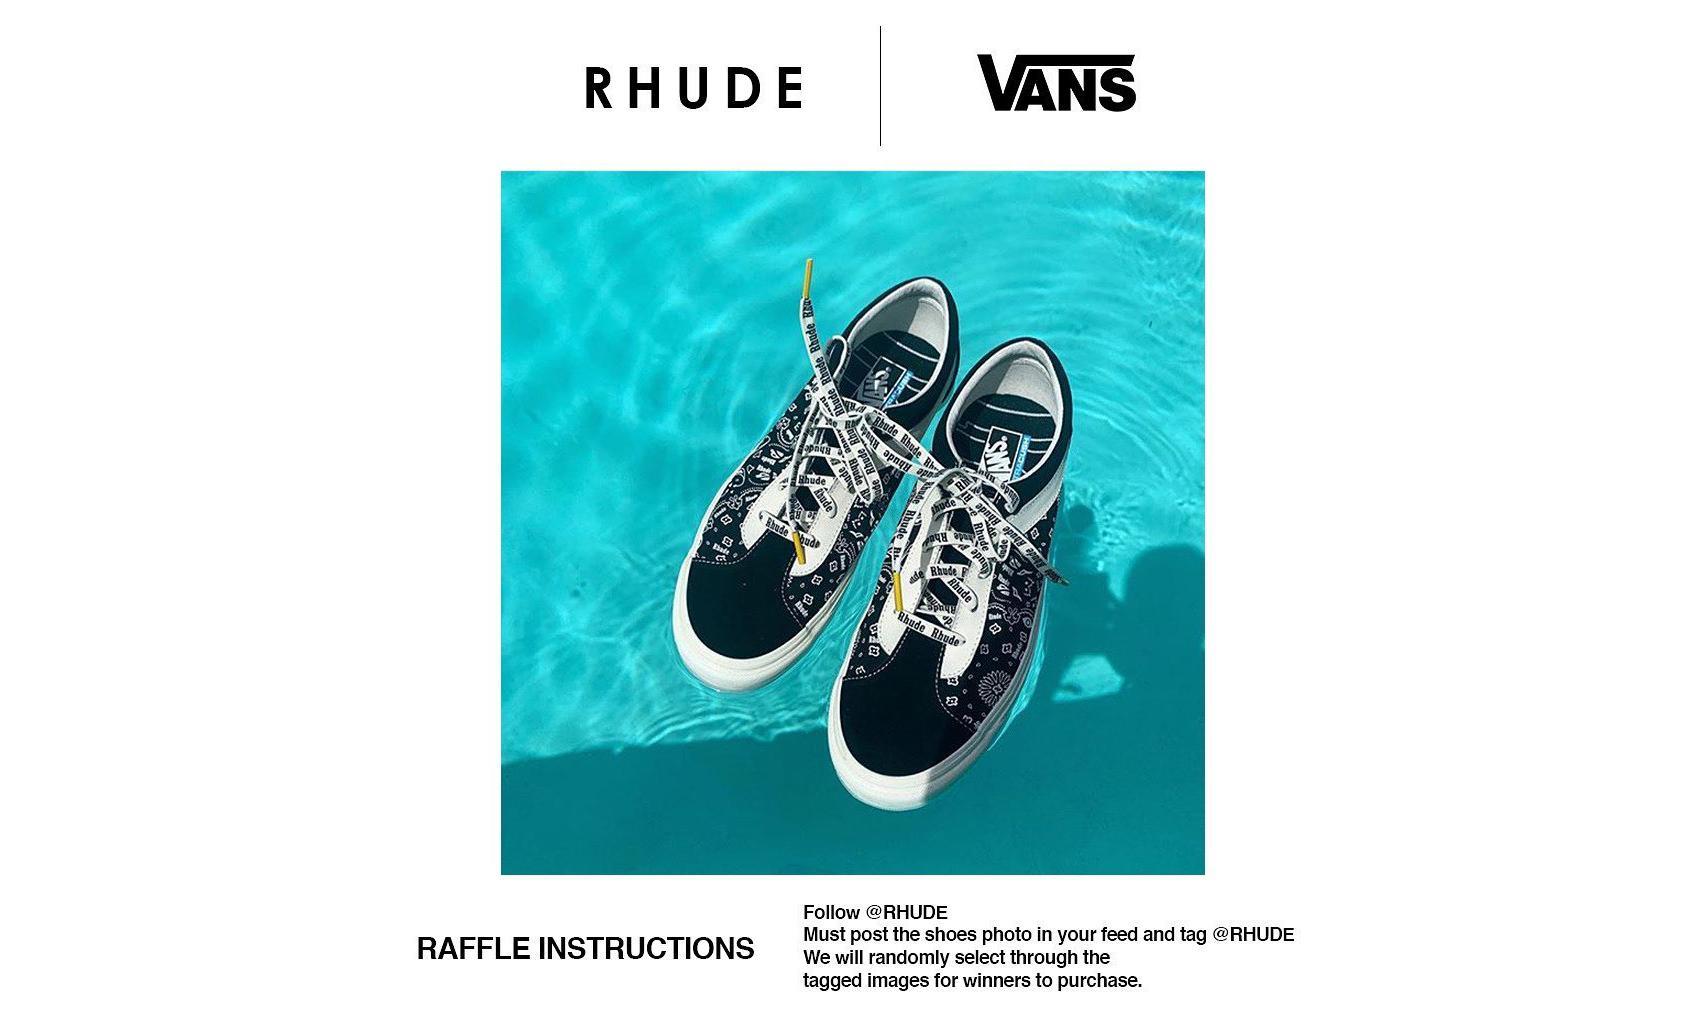 RHUDE x Vans 联名系列现已开启发售登记